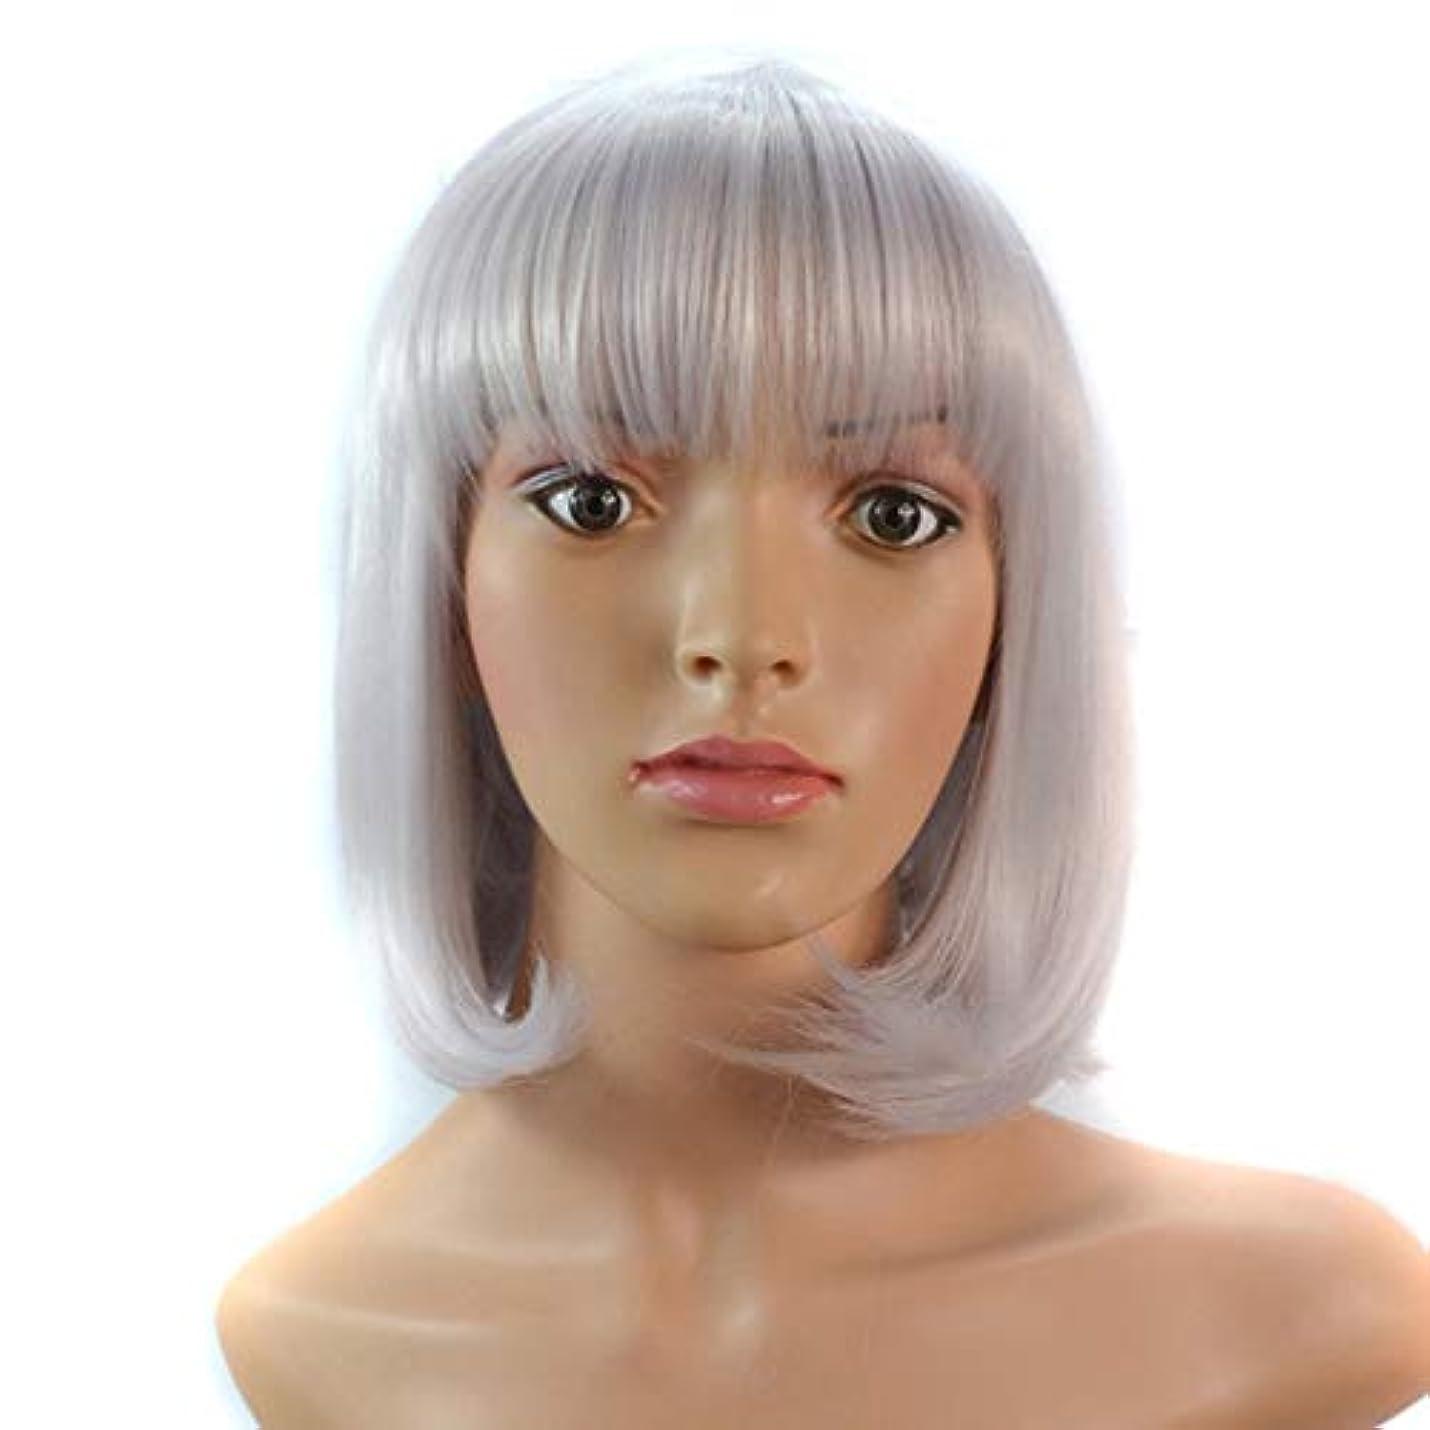 素晴らしきハリケーンヘッジYOUQIU 髪の前髪ウィッグを持つ女性のストレートショートボブスタイリッシュな耐熱合成シルバーホワイト色のフルヘアウィッグ (色 : Silver white, サイズ : 40cm)